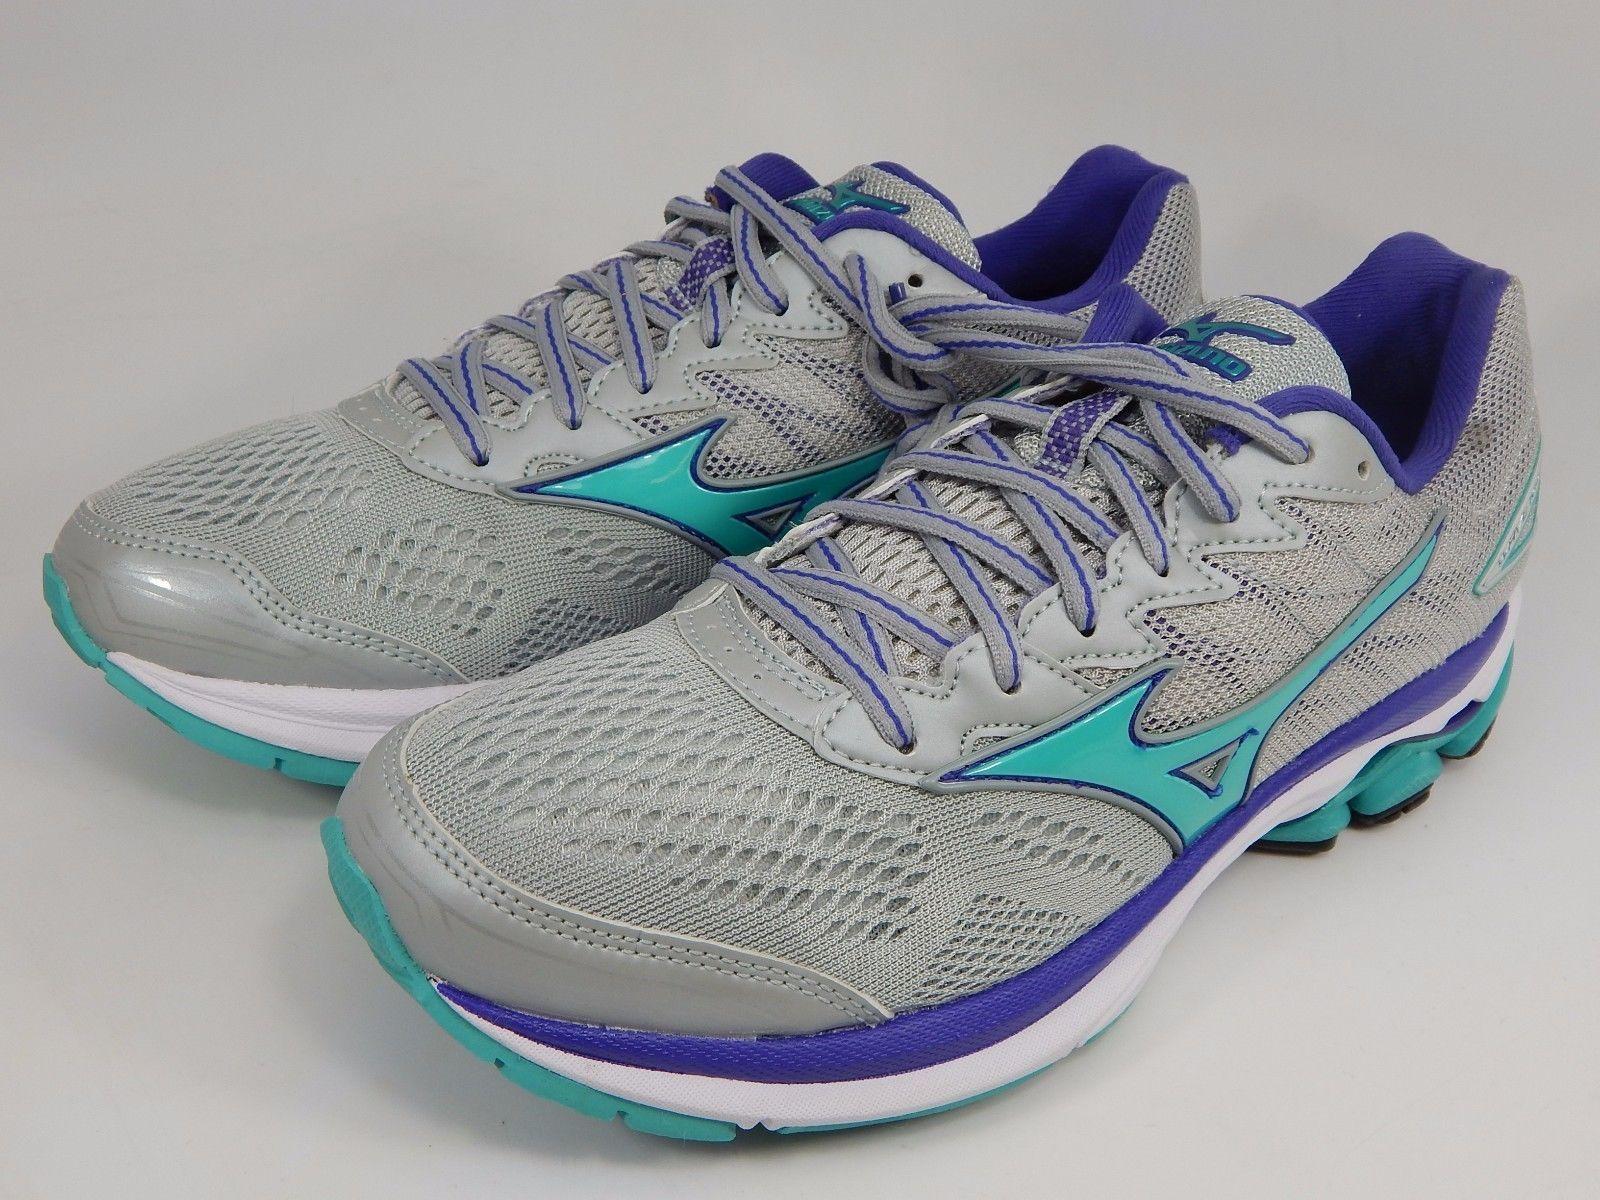 Mizuno Wave Rider 20 Women's Running Shoes Size US 7 M (B) EU 37 Silver Green